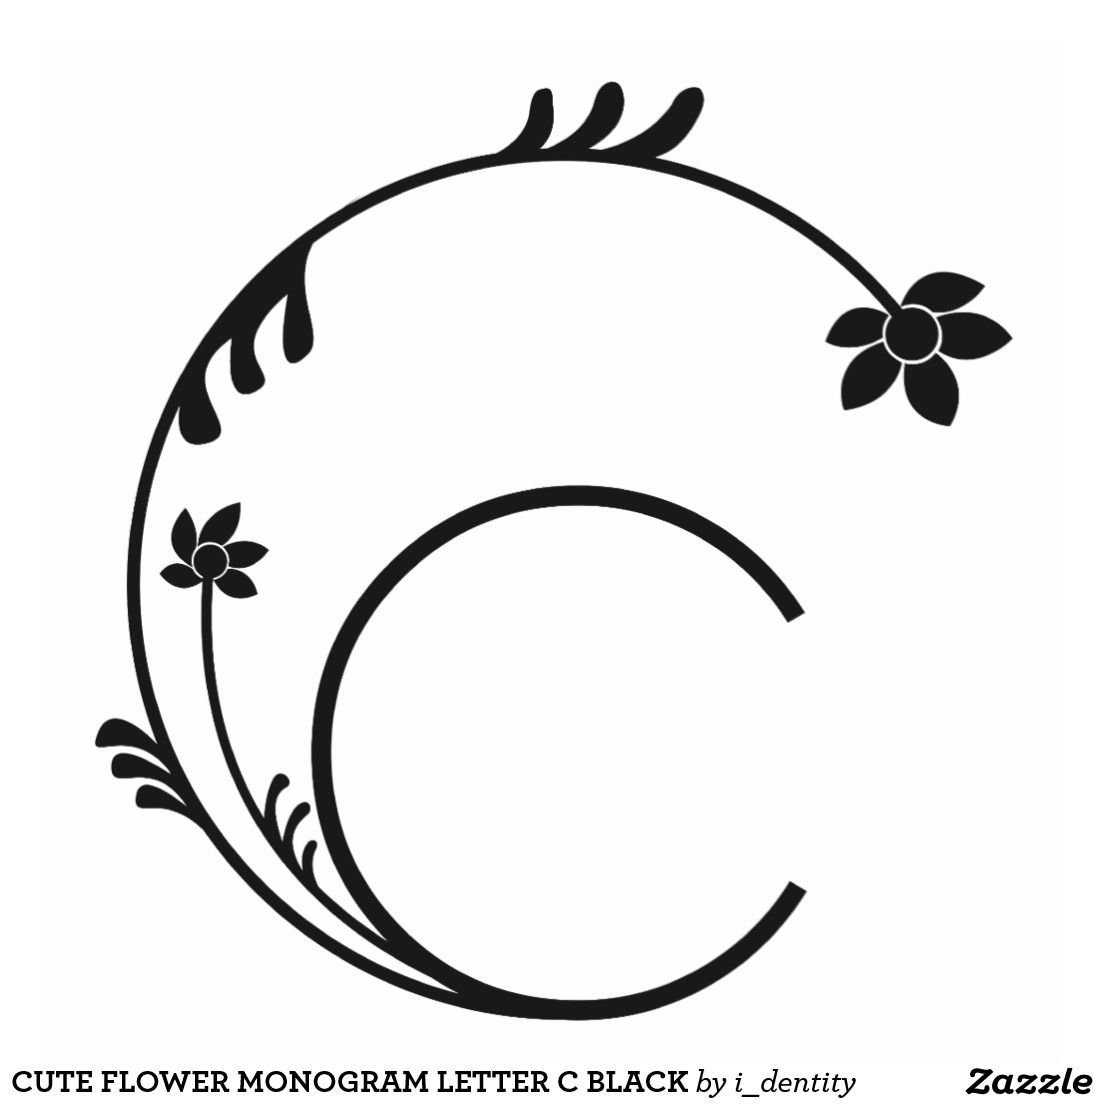 Photo Sculpture Noir Mignon De La Lettre C De Monogramme De Fleur